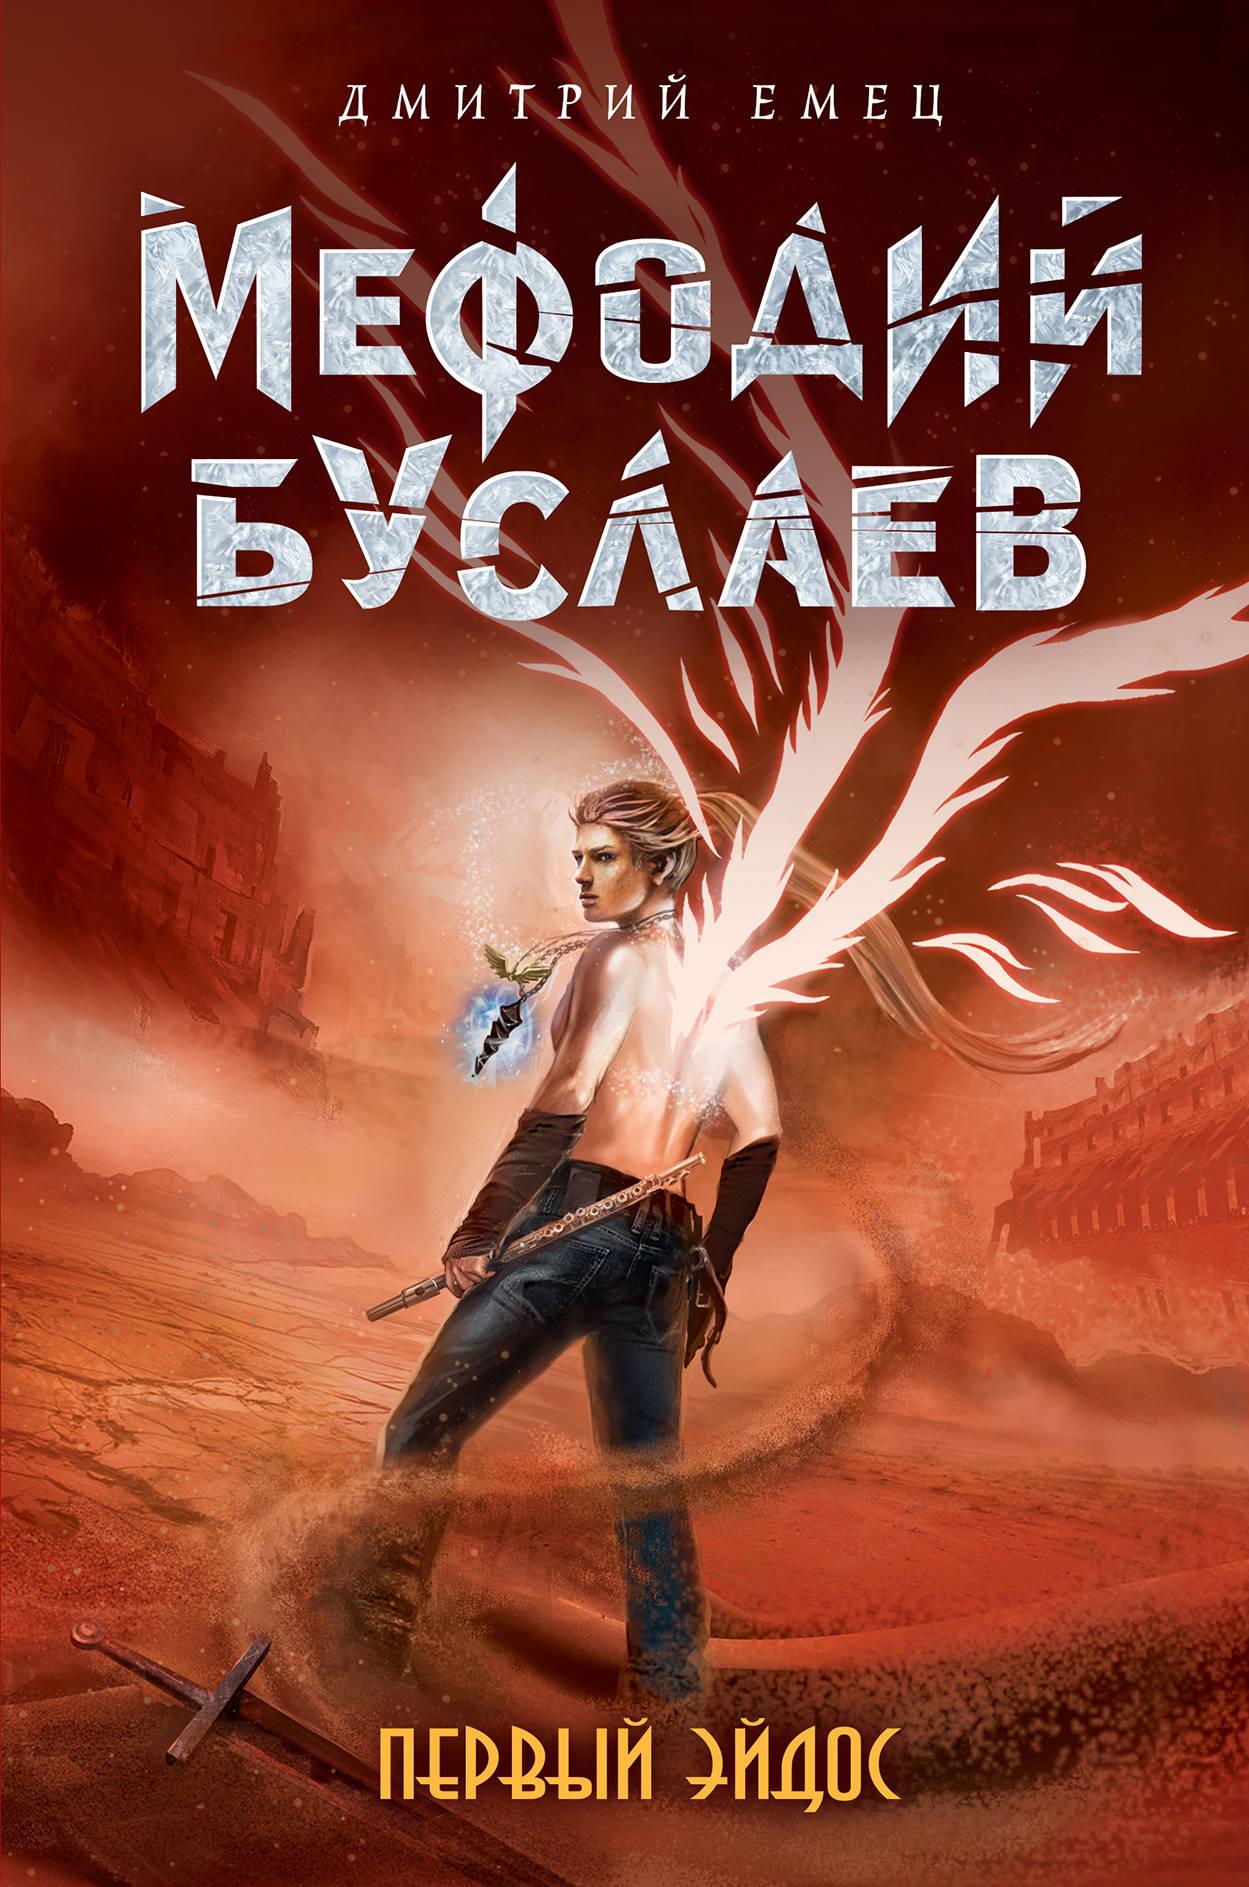 Дмитрий Емец Первый эйдос ISBN: 978-5-699-97371-2 емец д первый эйдос